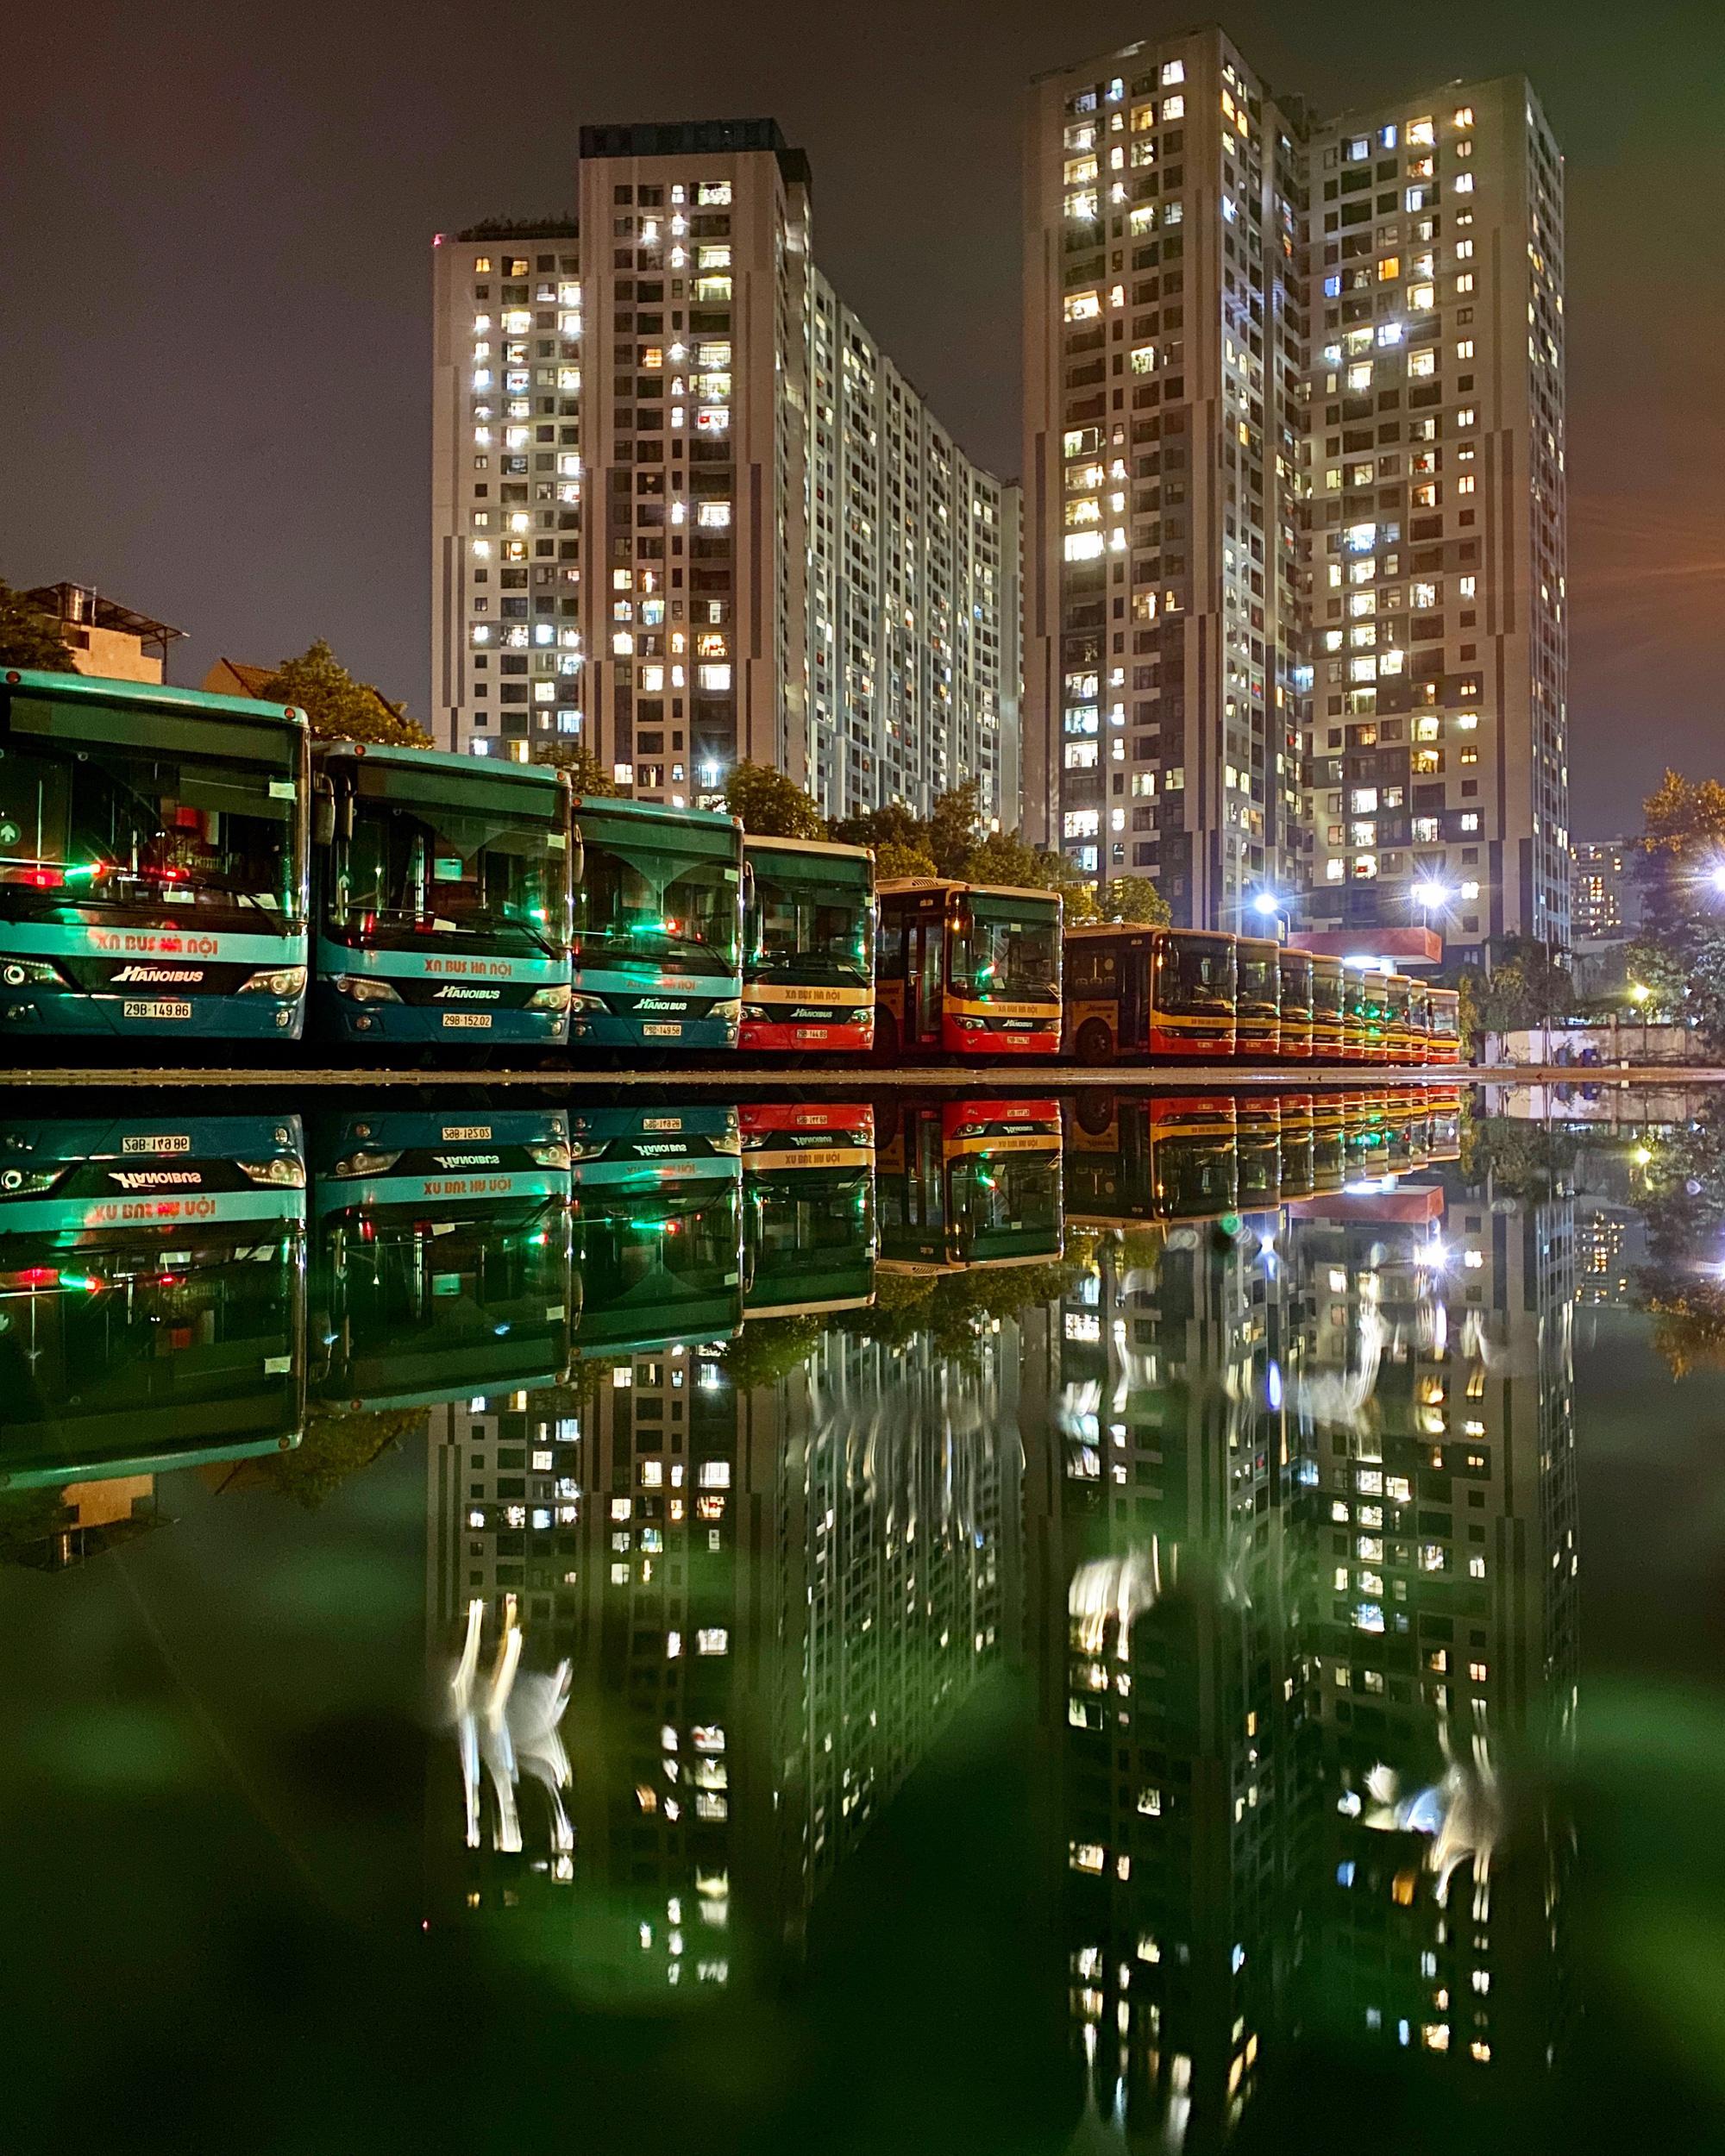 [ẢNH] Vẻ đẹp của gần 200 xe buýt tập kết về bến xếp hàng trong đêm - Ảnh 16.